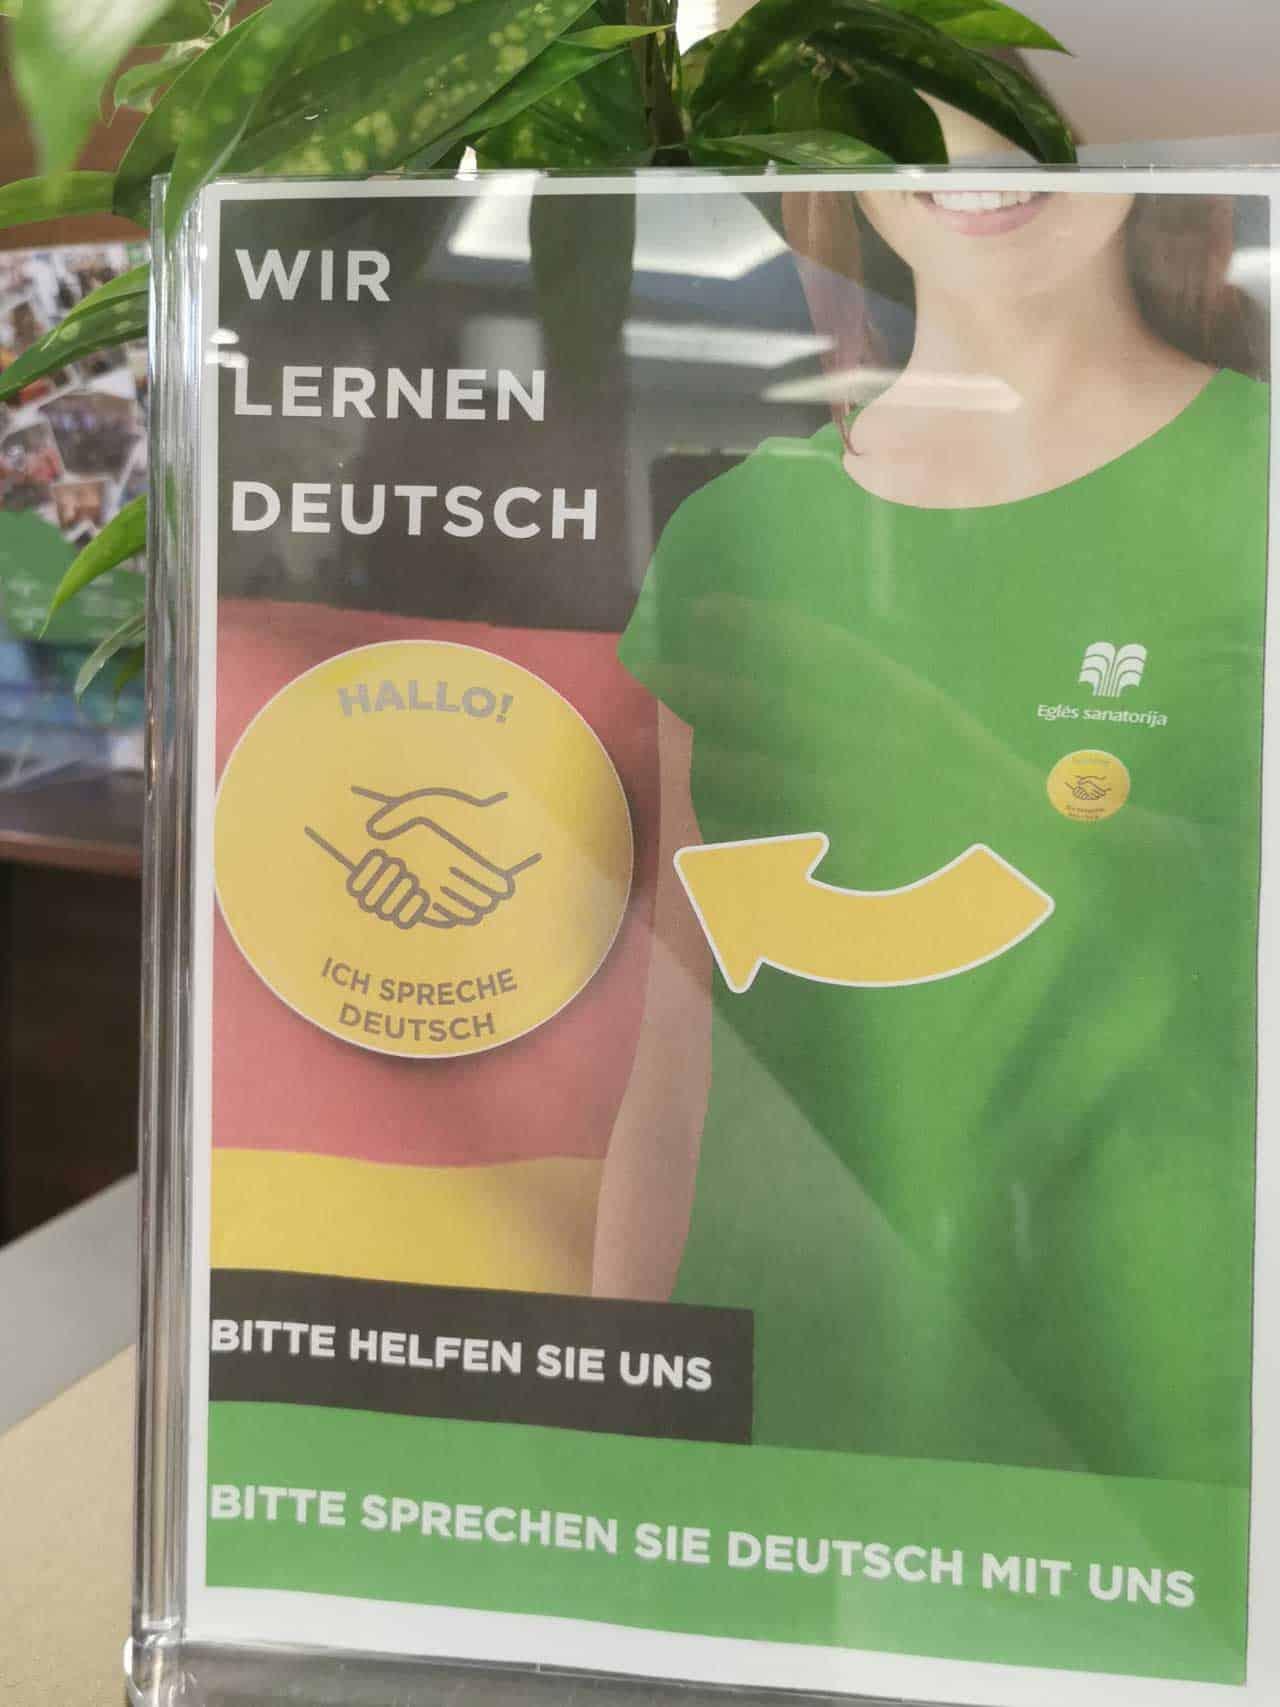 Wir lernen deutsch Mitarbeiter bitte nur deutsch ansprechen (Litauen Spa Hotel)